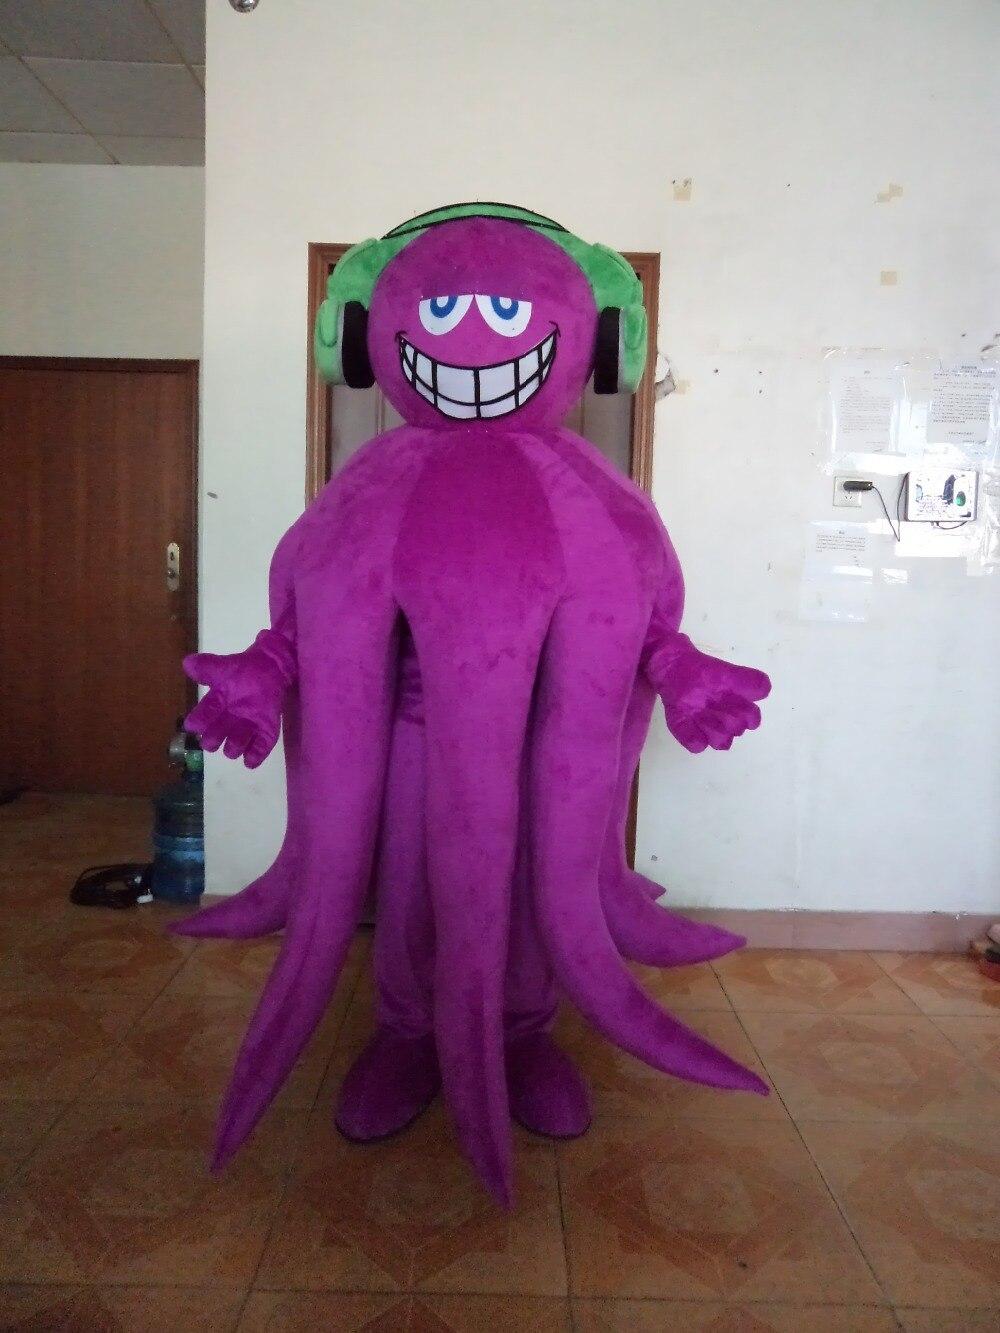 Горячие продаж высокое качество Забавный фиолетовый Осьминог талисмана платье Бесплатная доставка